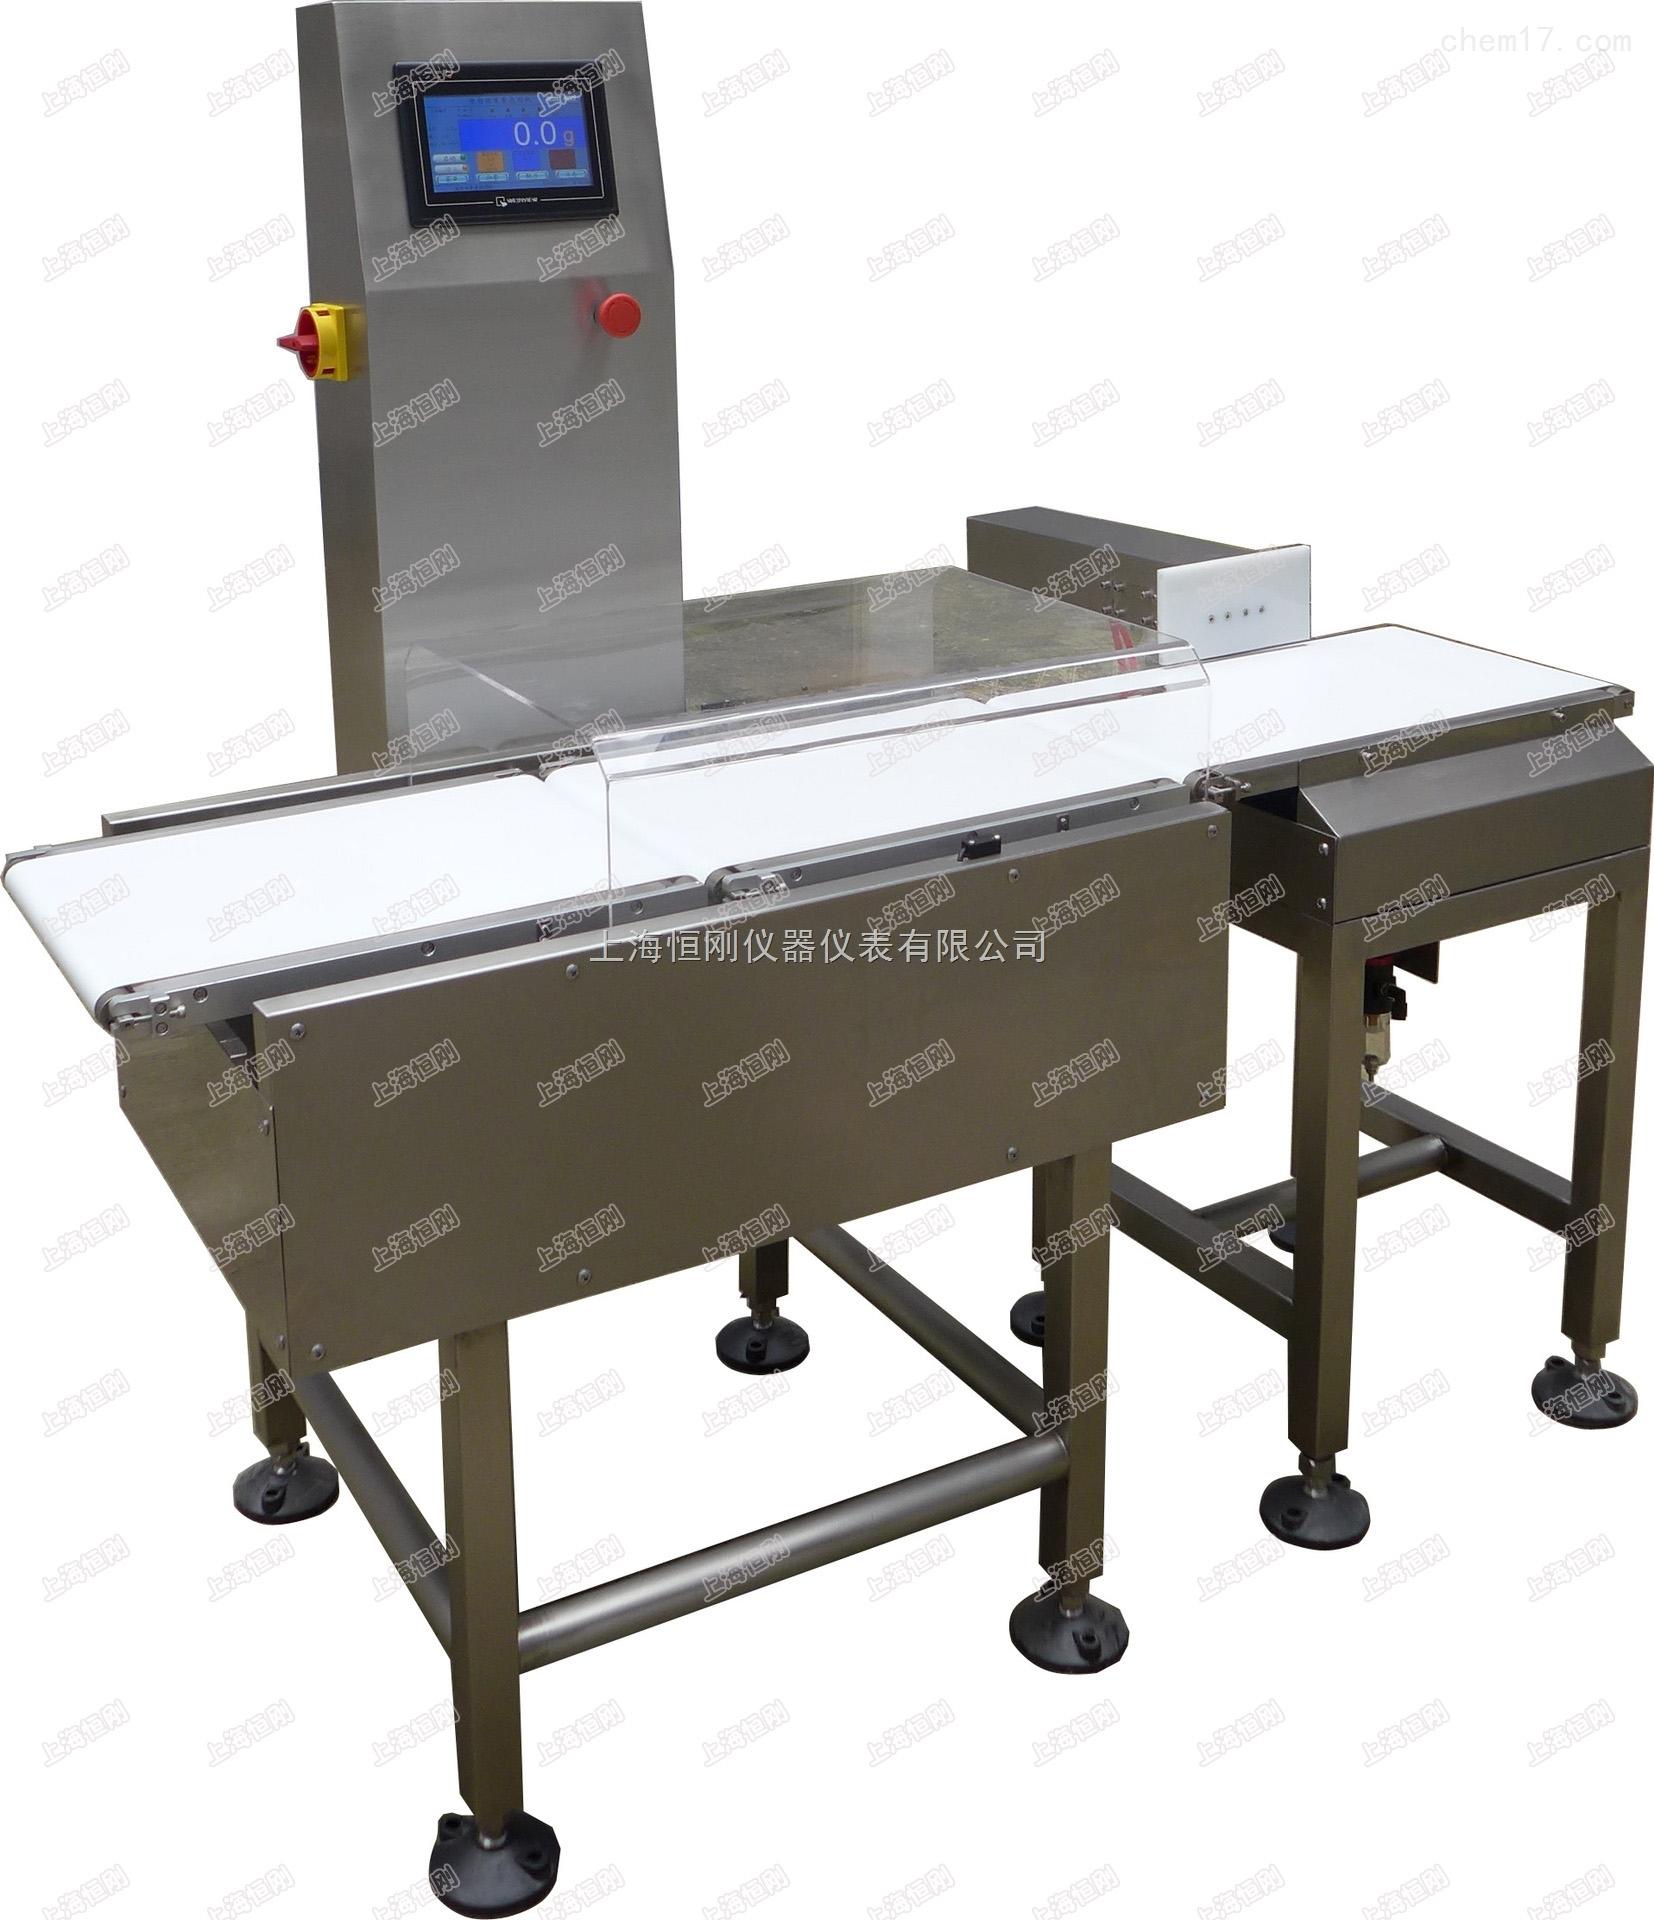 食品动态称重机,高精度称重检测秤